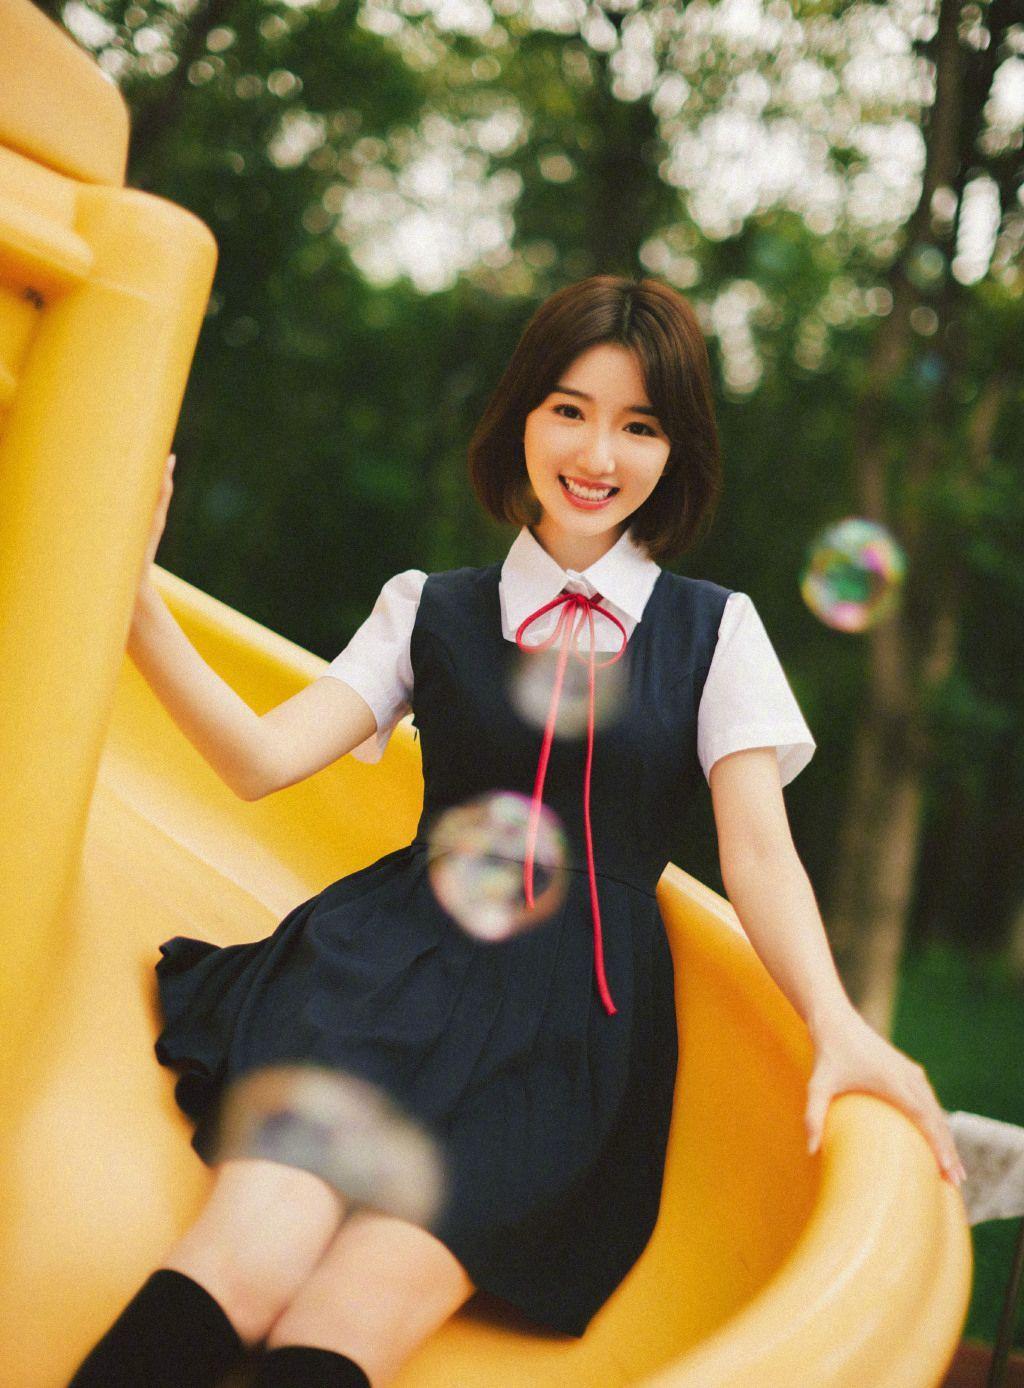 毛晓彤黑色连衣裙可爱穿搭游乐园童趣十足玩耍写真照片